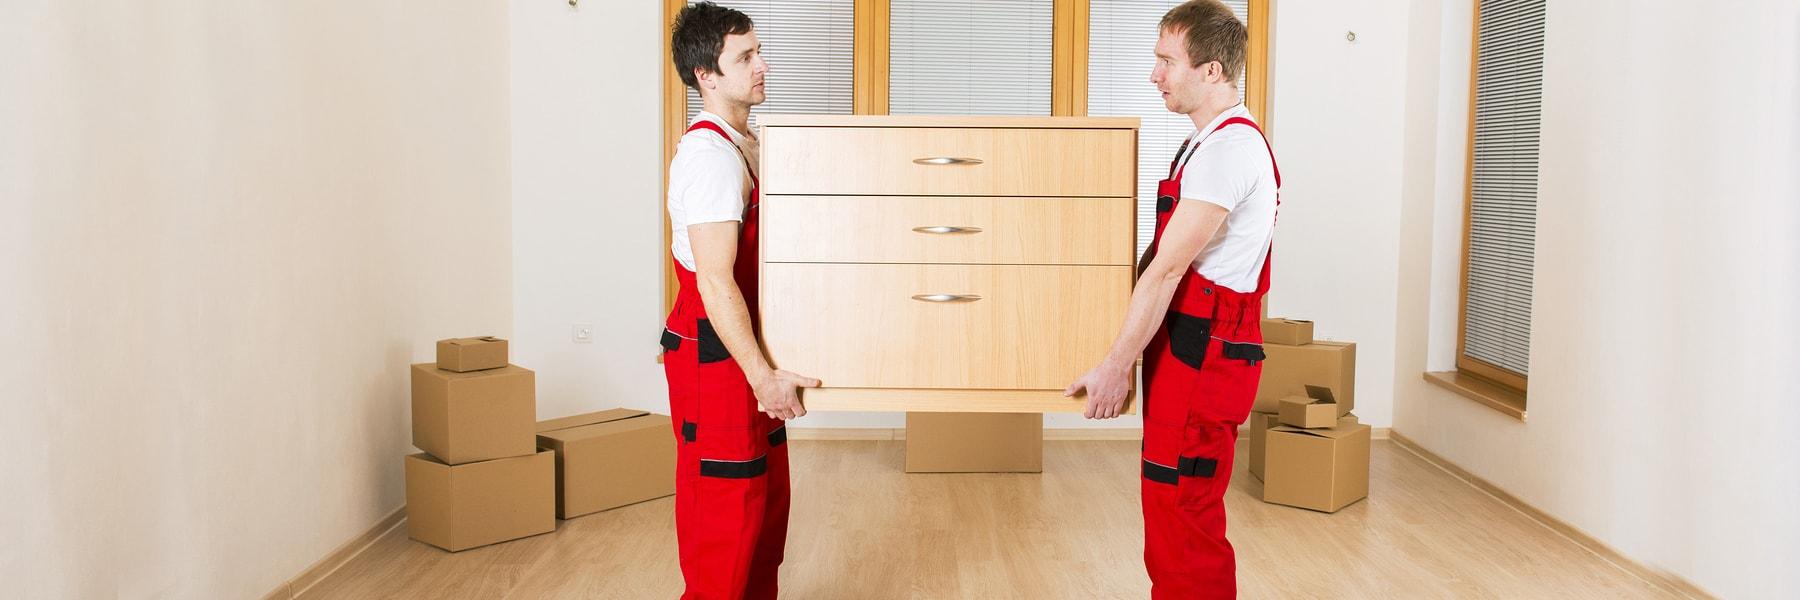 Доставка мебели в Канаду из Украины